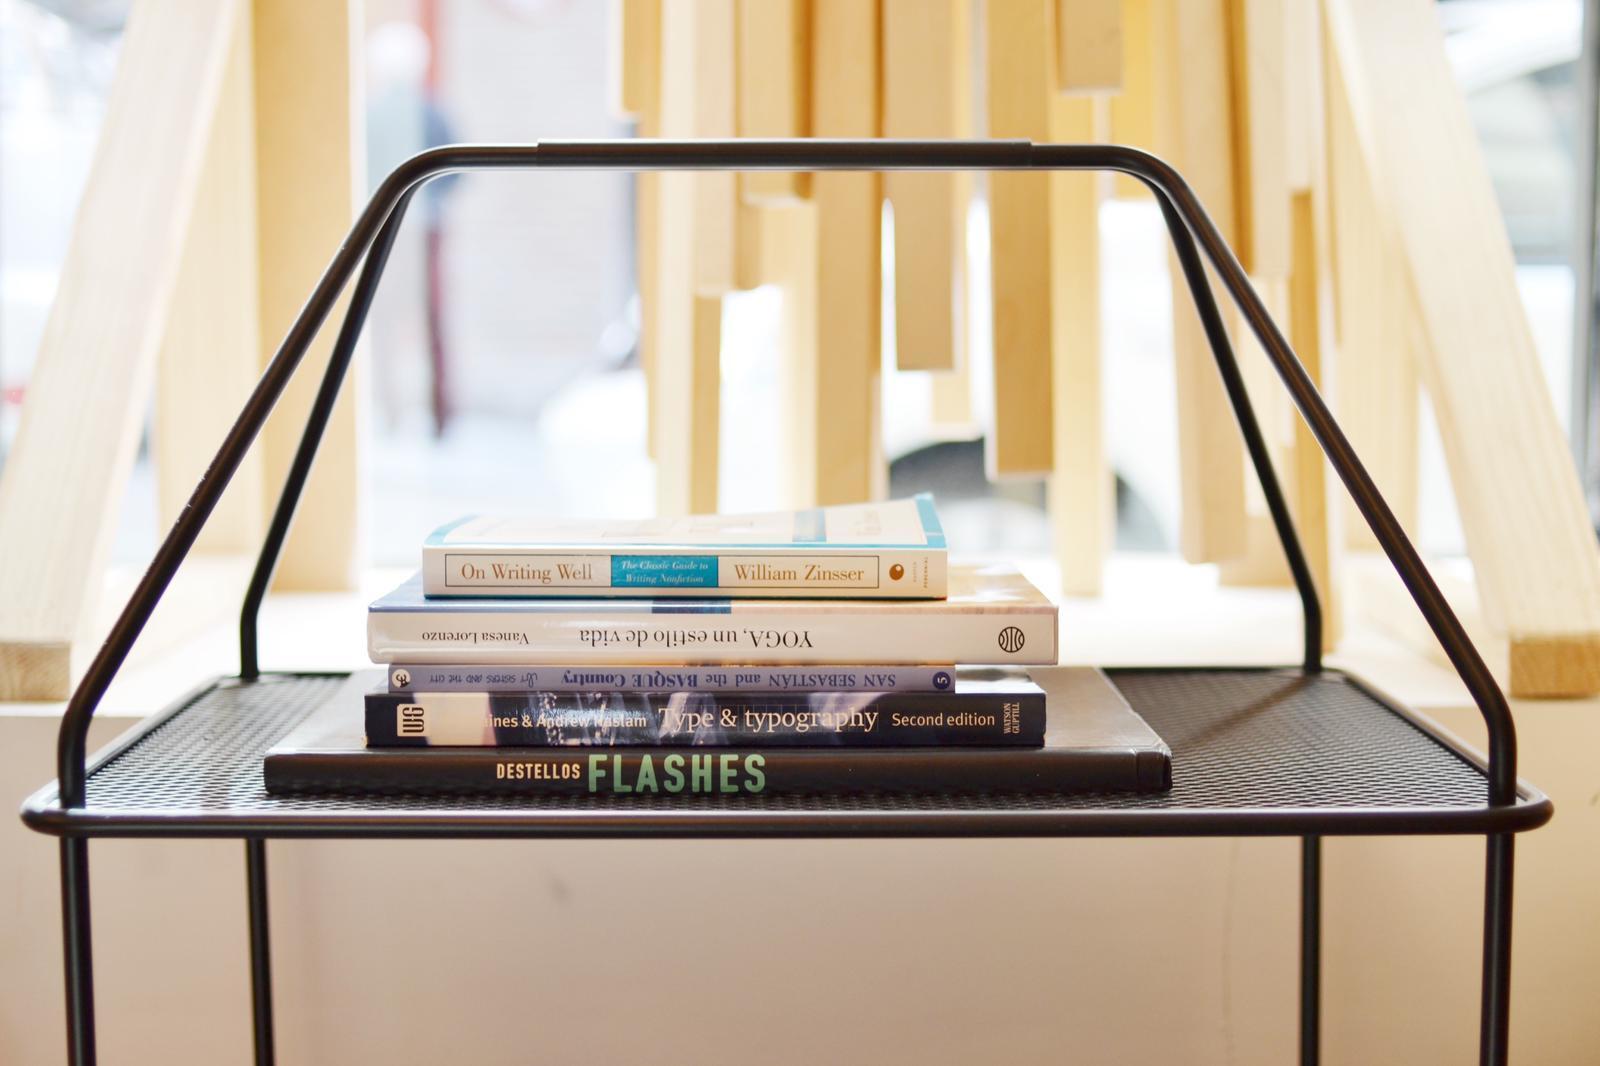 Libros, revisteros... algunos de los objetos de segunda mana que se...